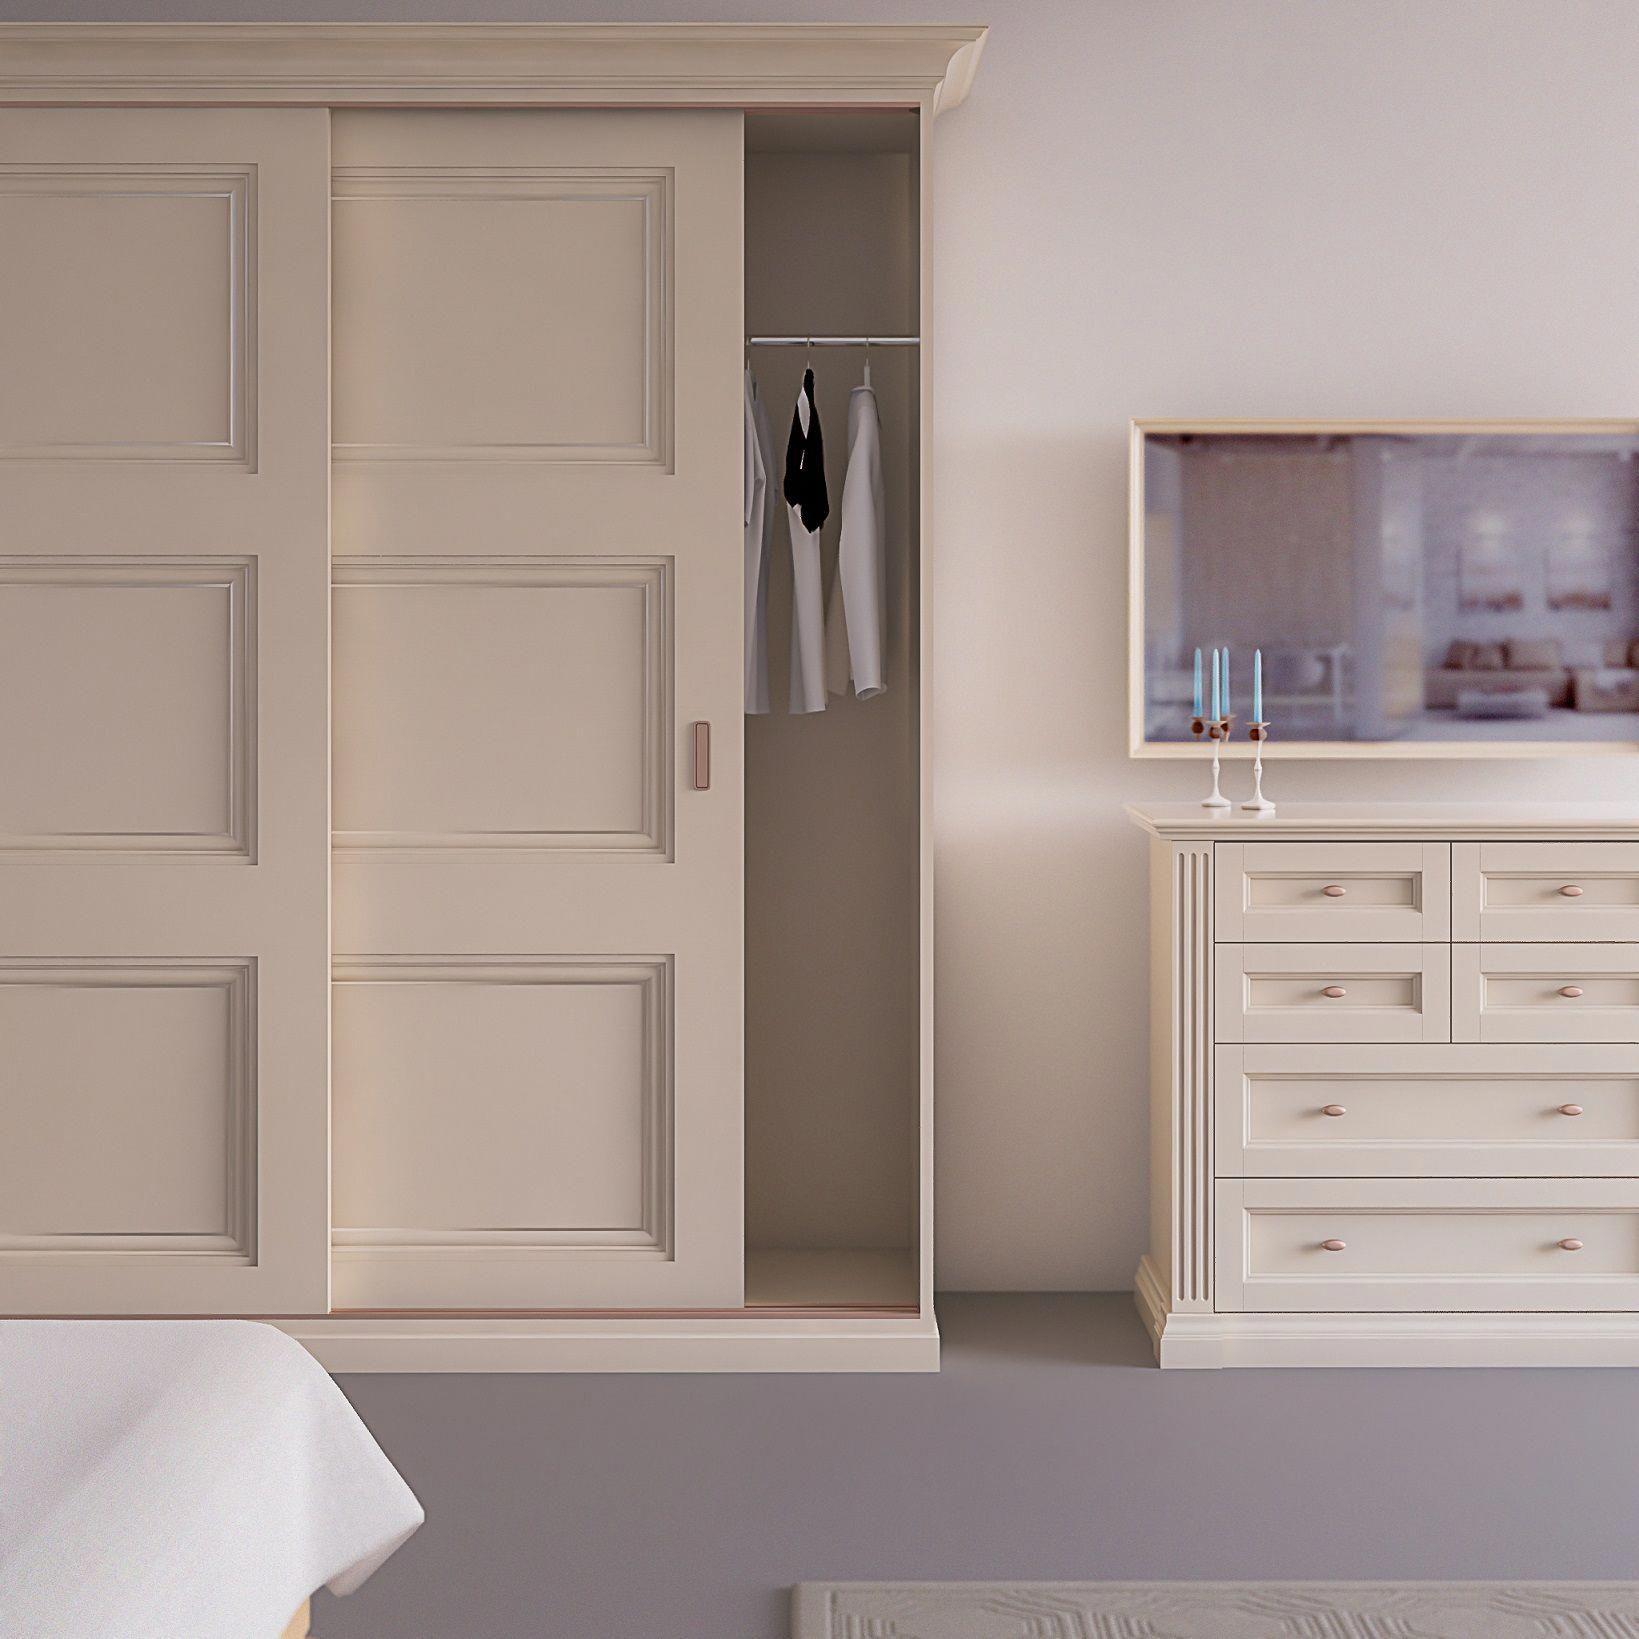 Small Basement Kitchen Ideas Decorating A Basement Bedroom Ideas For Concrete Projetos Para Quarto De Adolescente Arquitetura E Decoracao Reforma Do Quarto